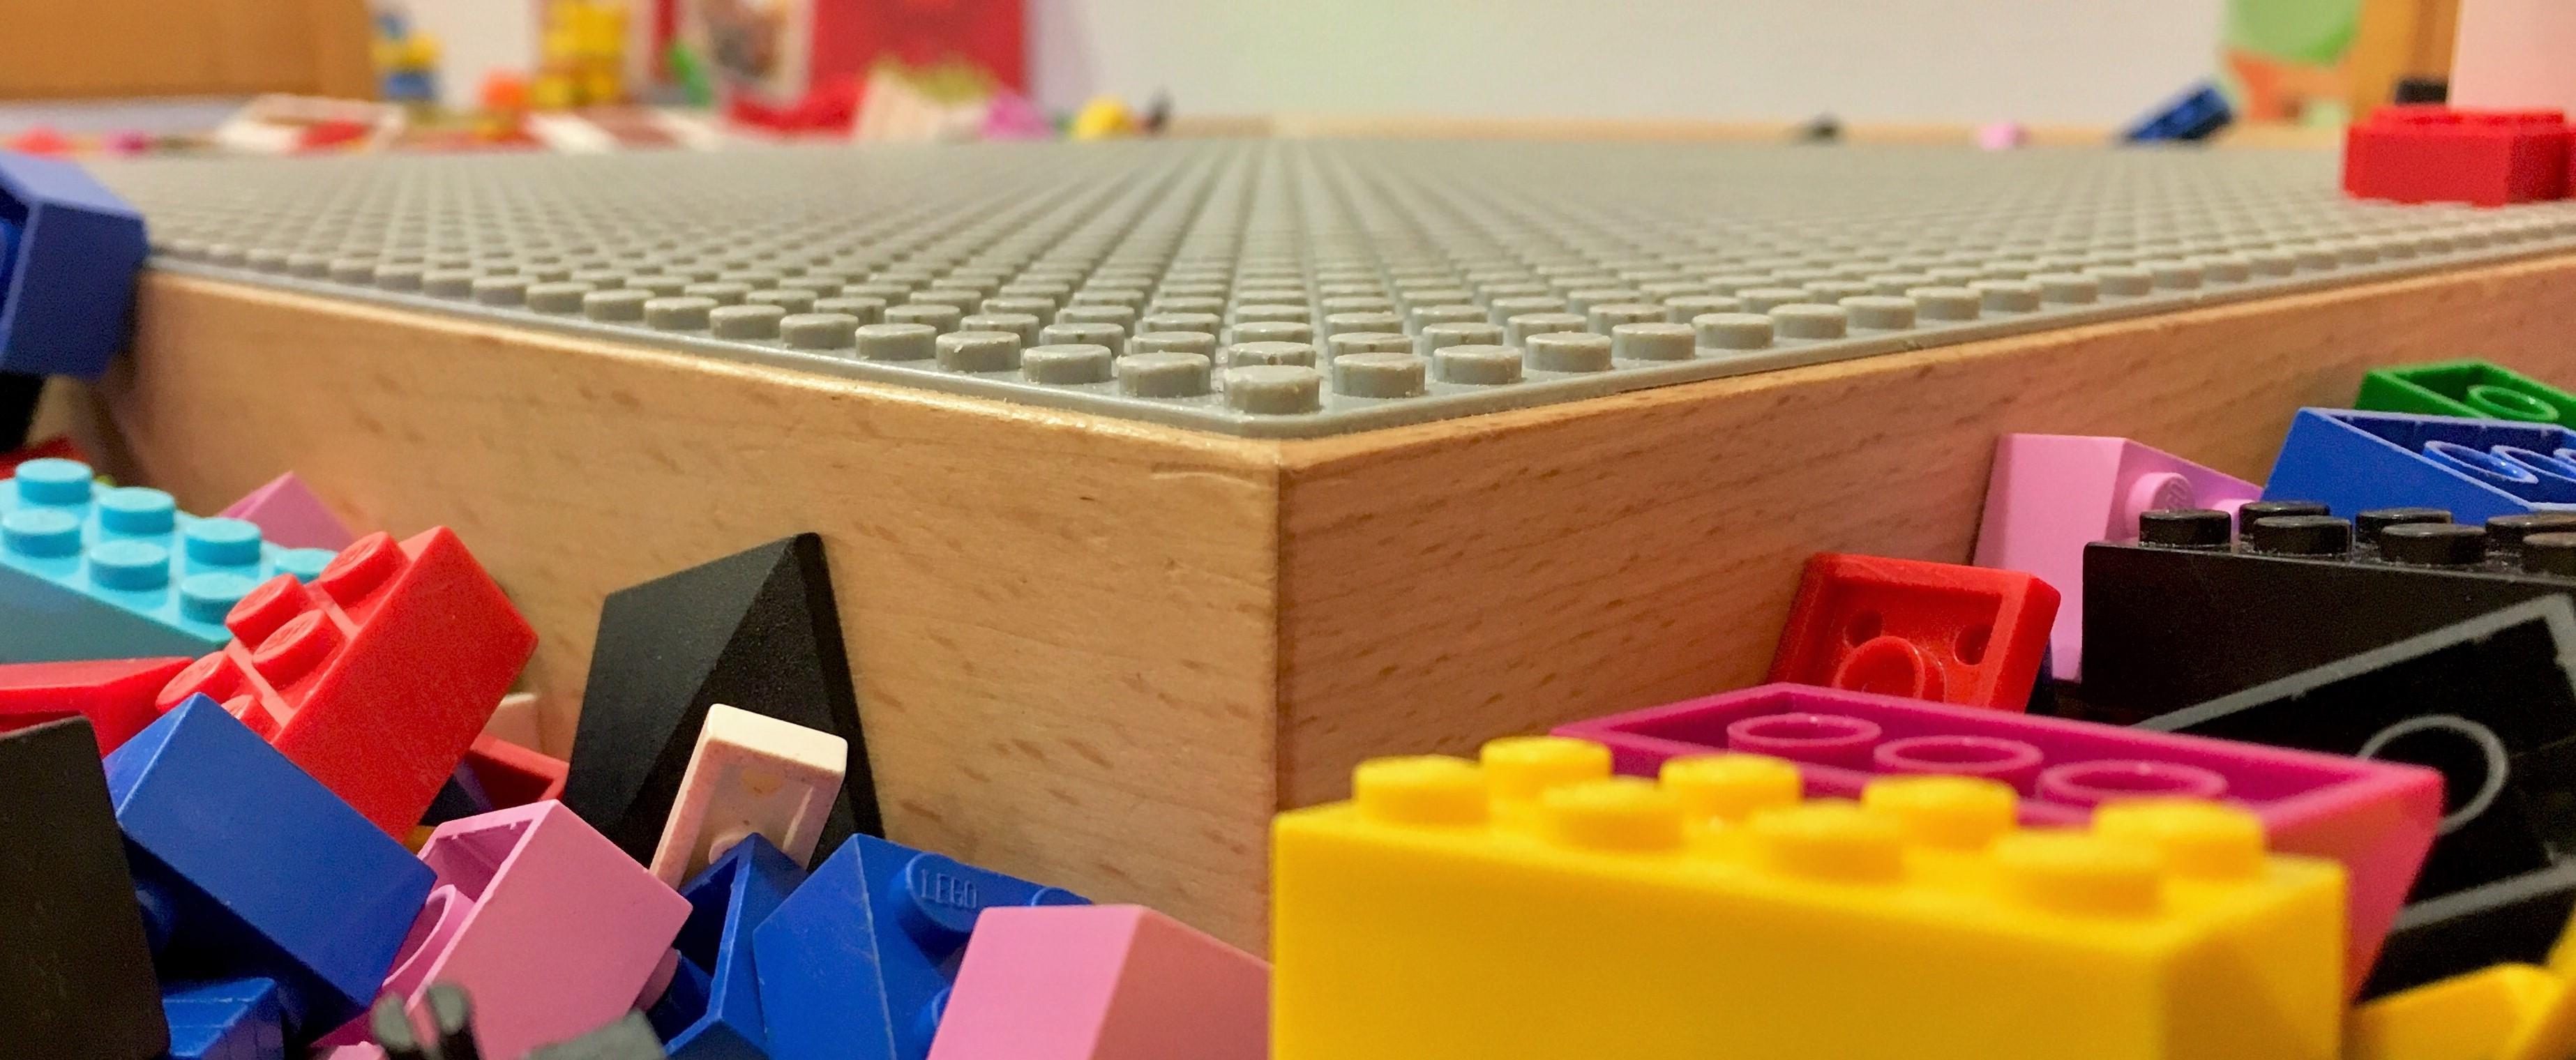 LEGO selbstbauen